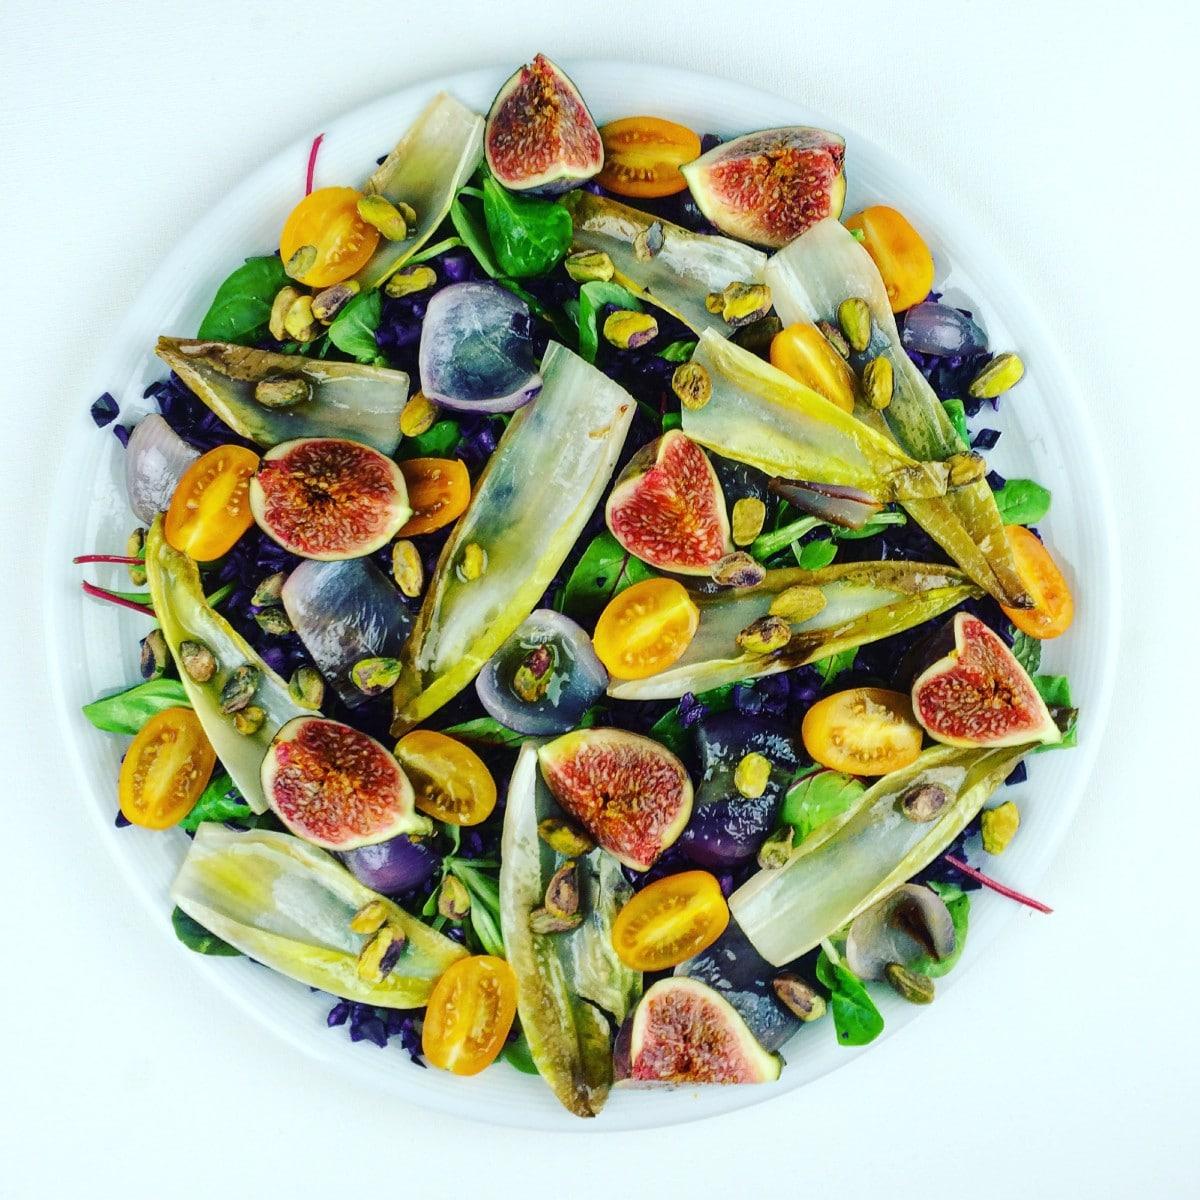 Herfstsalade met gekarameliseerde witlof